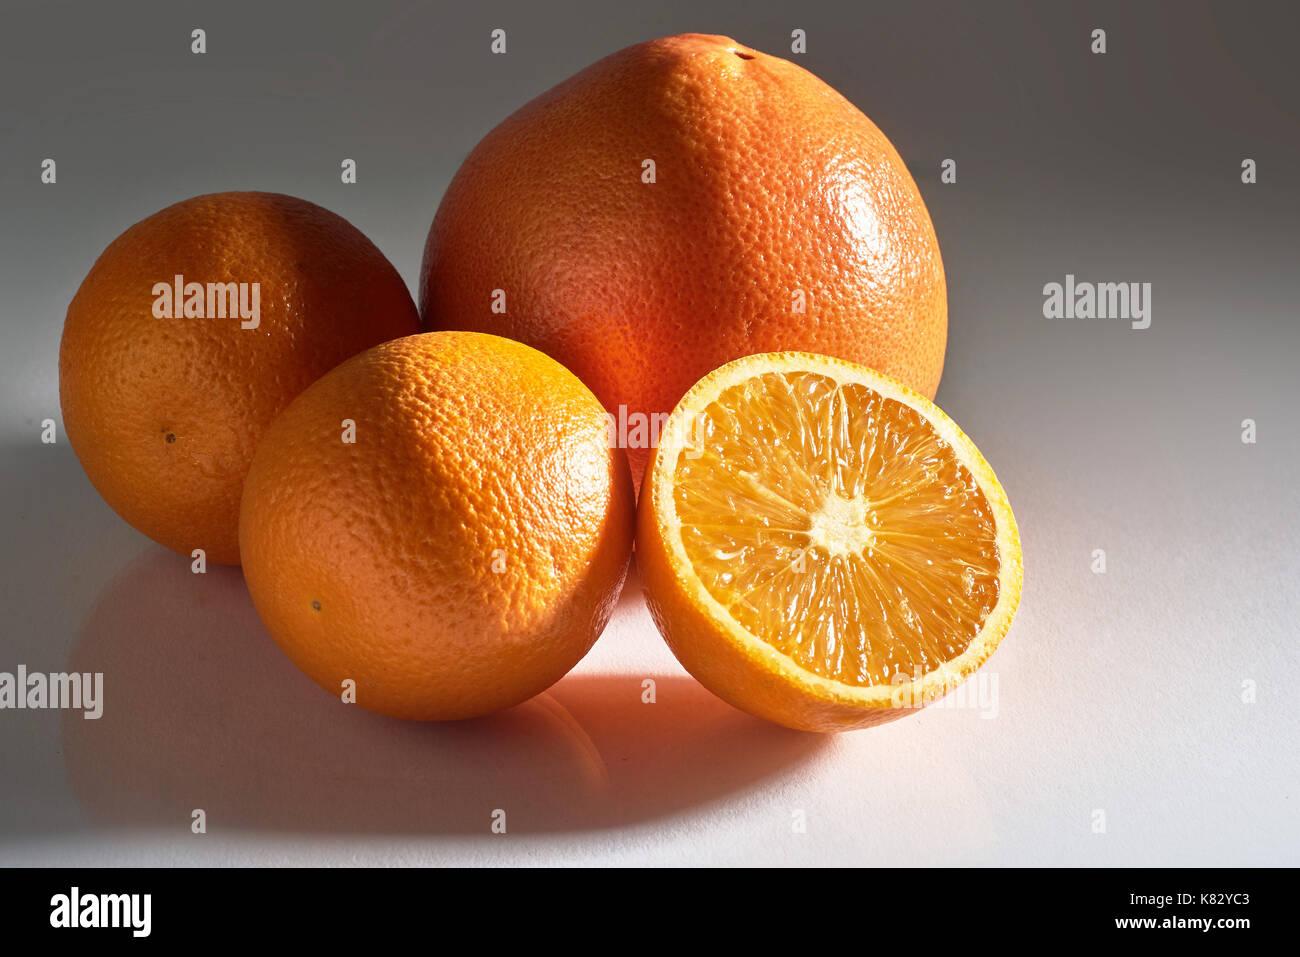 Delicious fresh oranges isolated on white background. - Stock Image